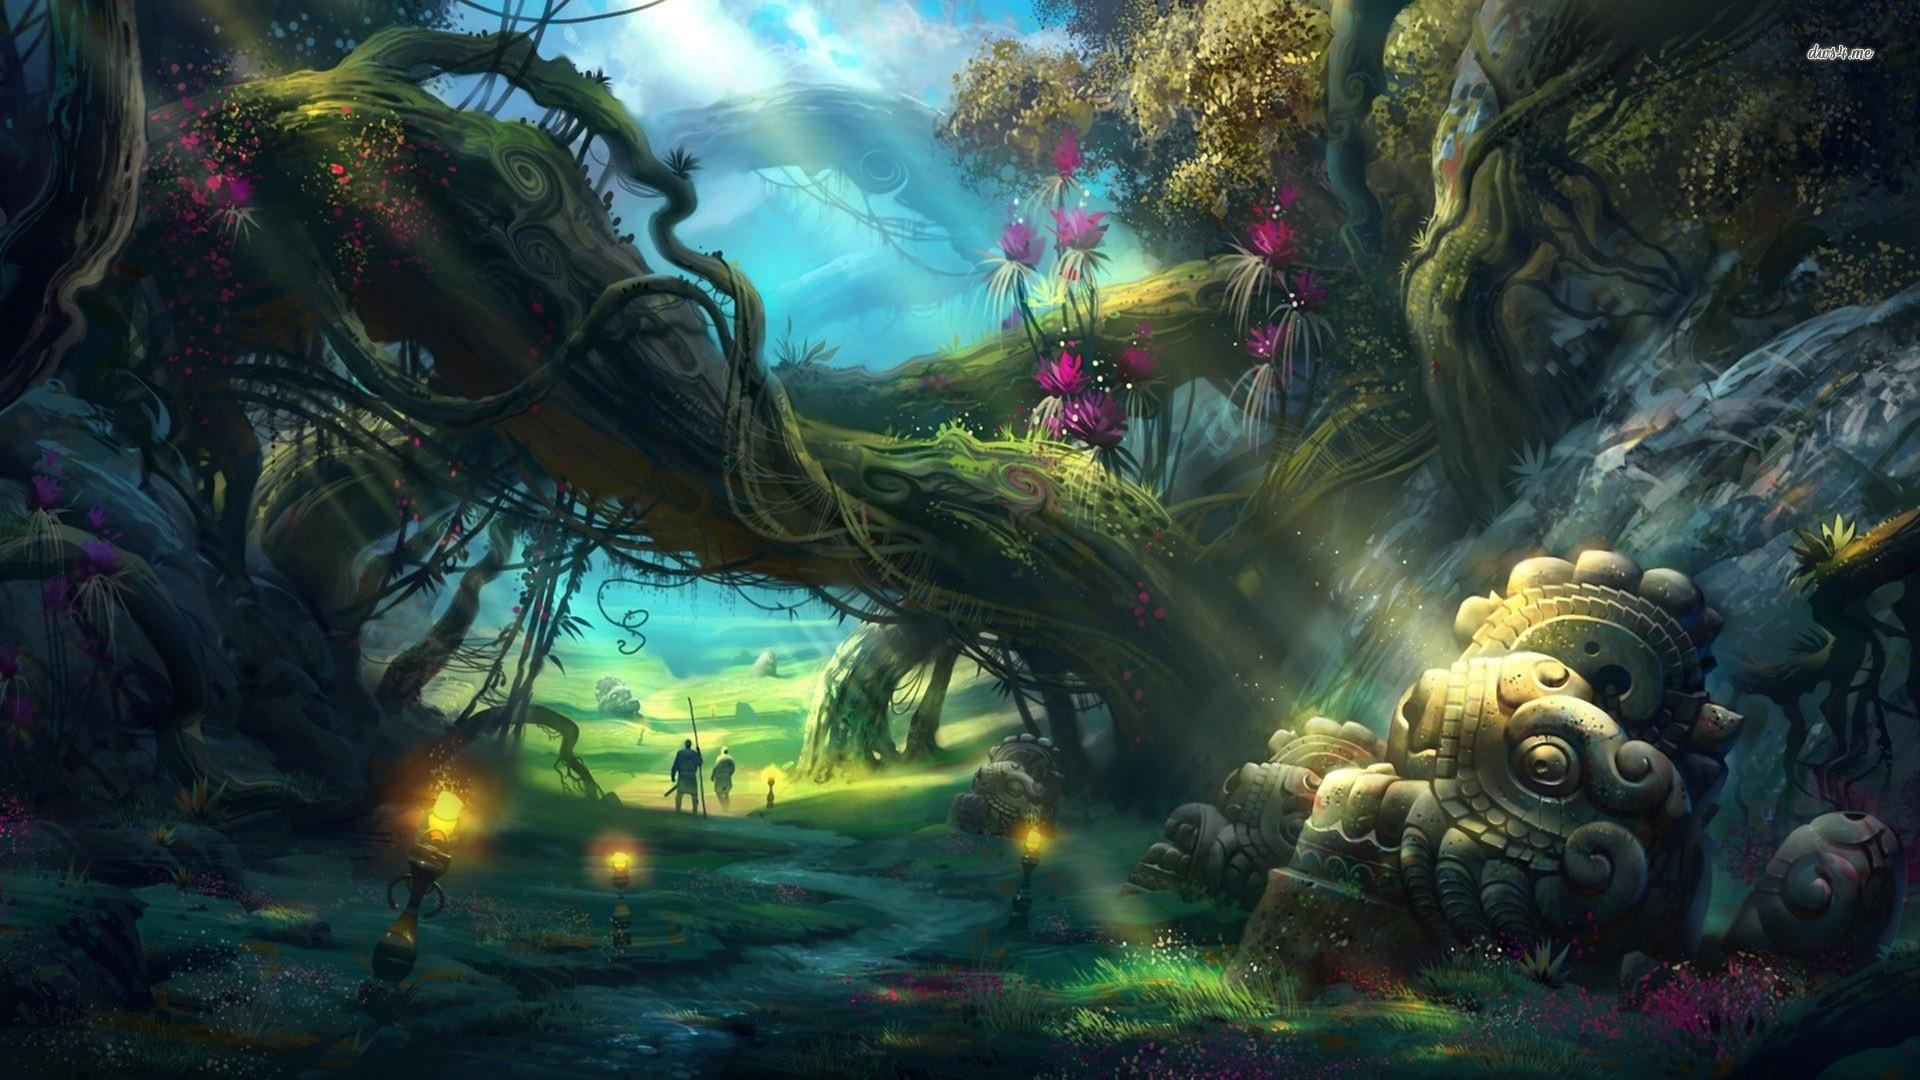 Bonjour tout le monde - Page 37 Saturdays-bhs-prom-theme-enchanted-forest-18855